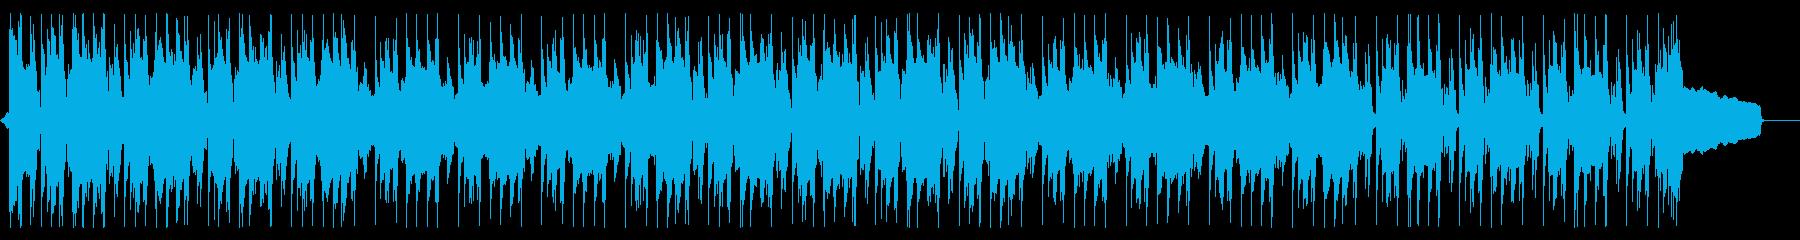 ジングル、CM ギターリフが激しいロックの再生済みの波形